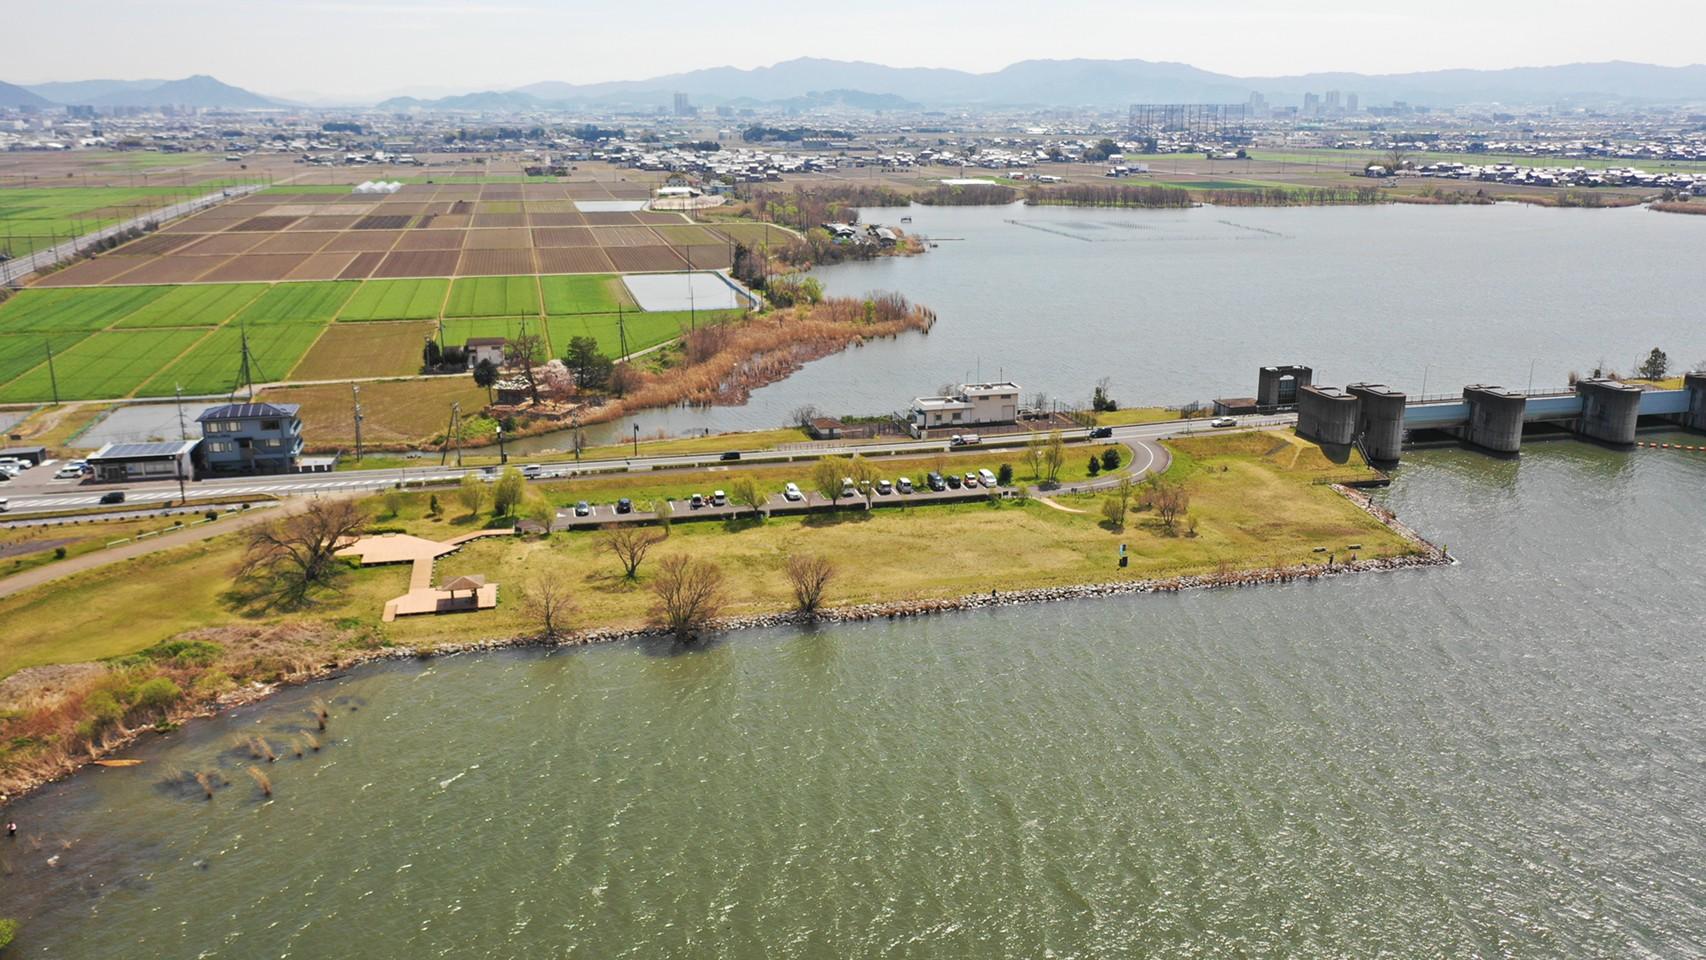 【草津市】『湖岸緑地 津田江-3』のアウトドア情報